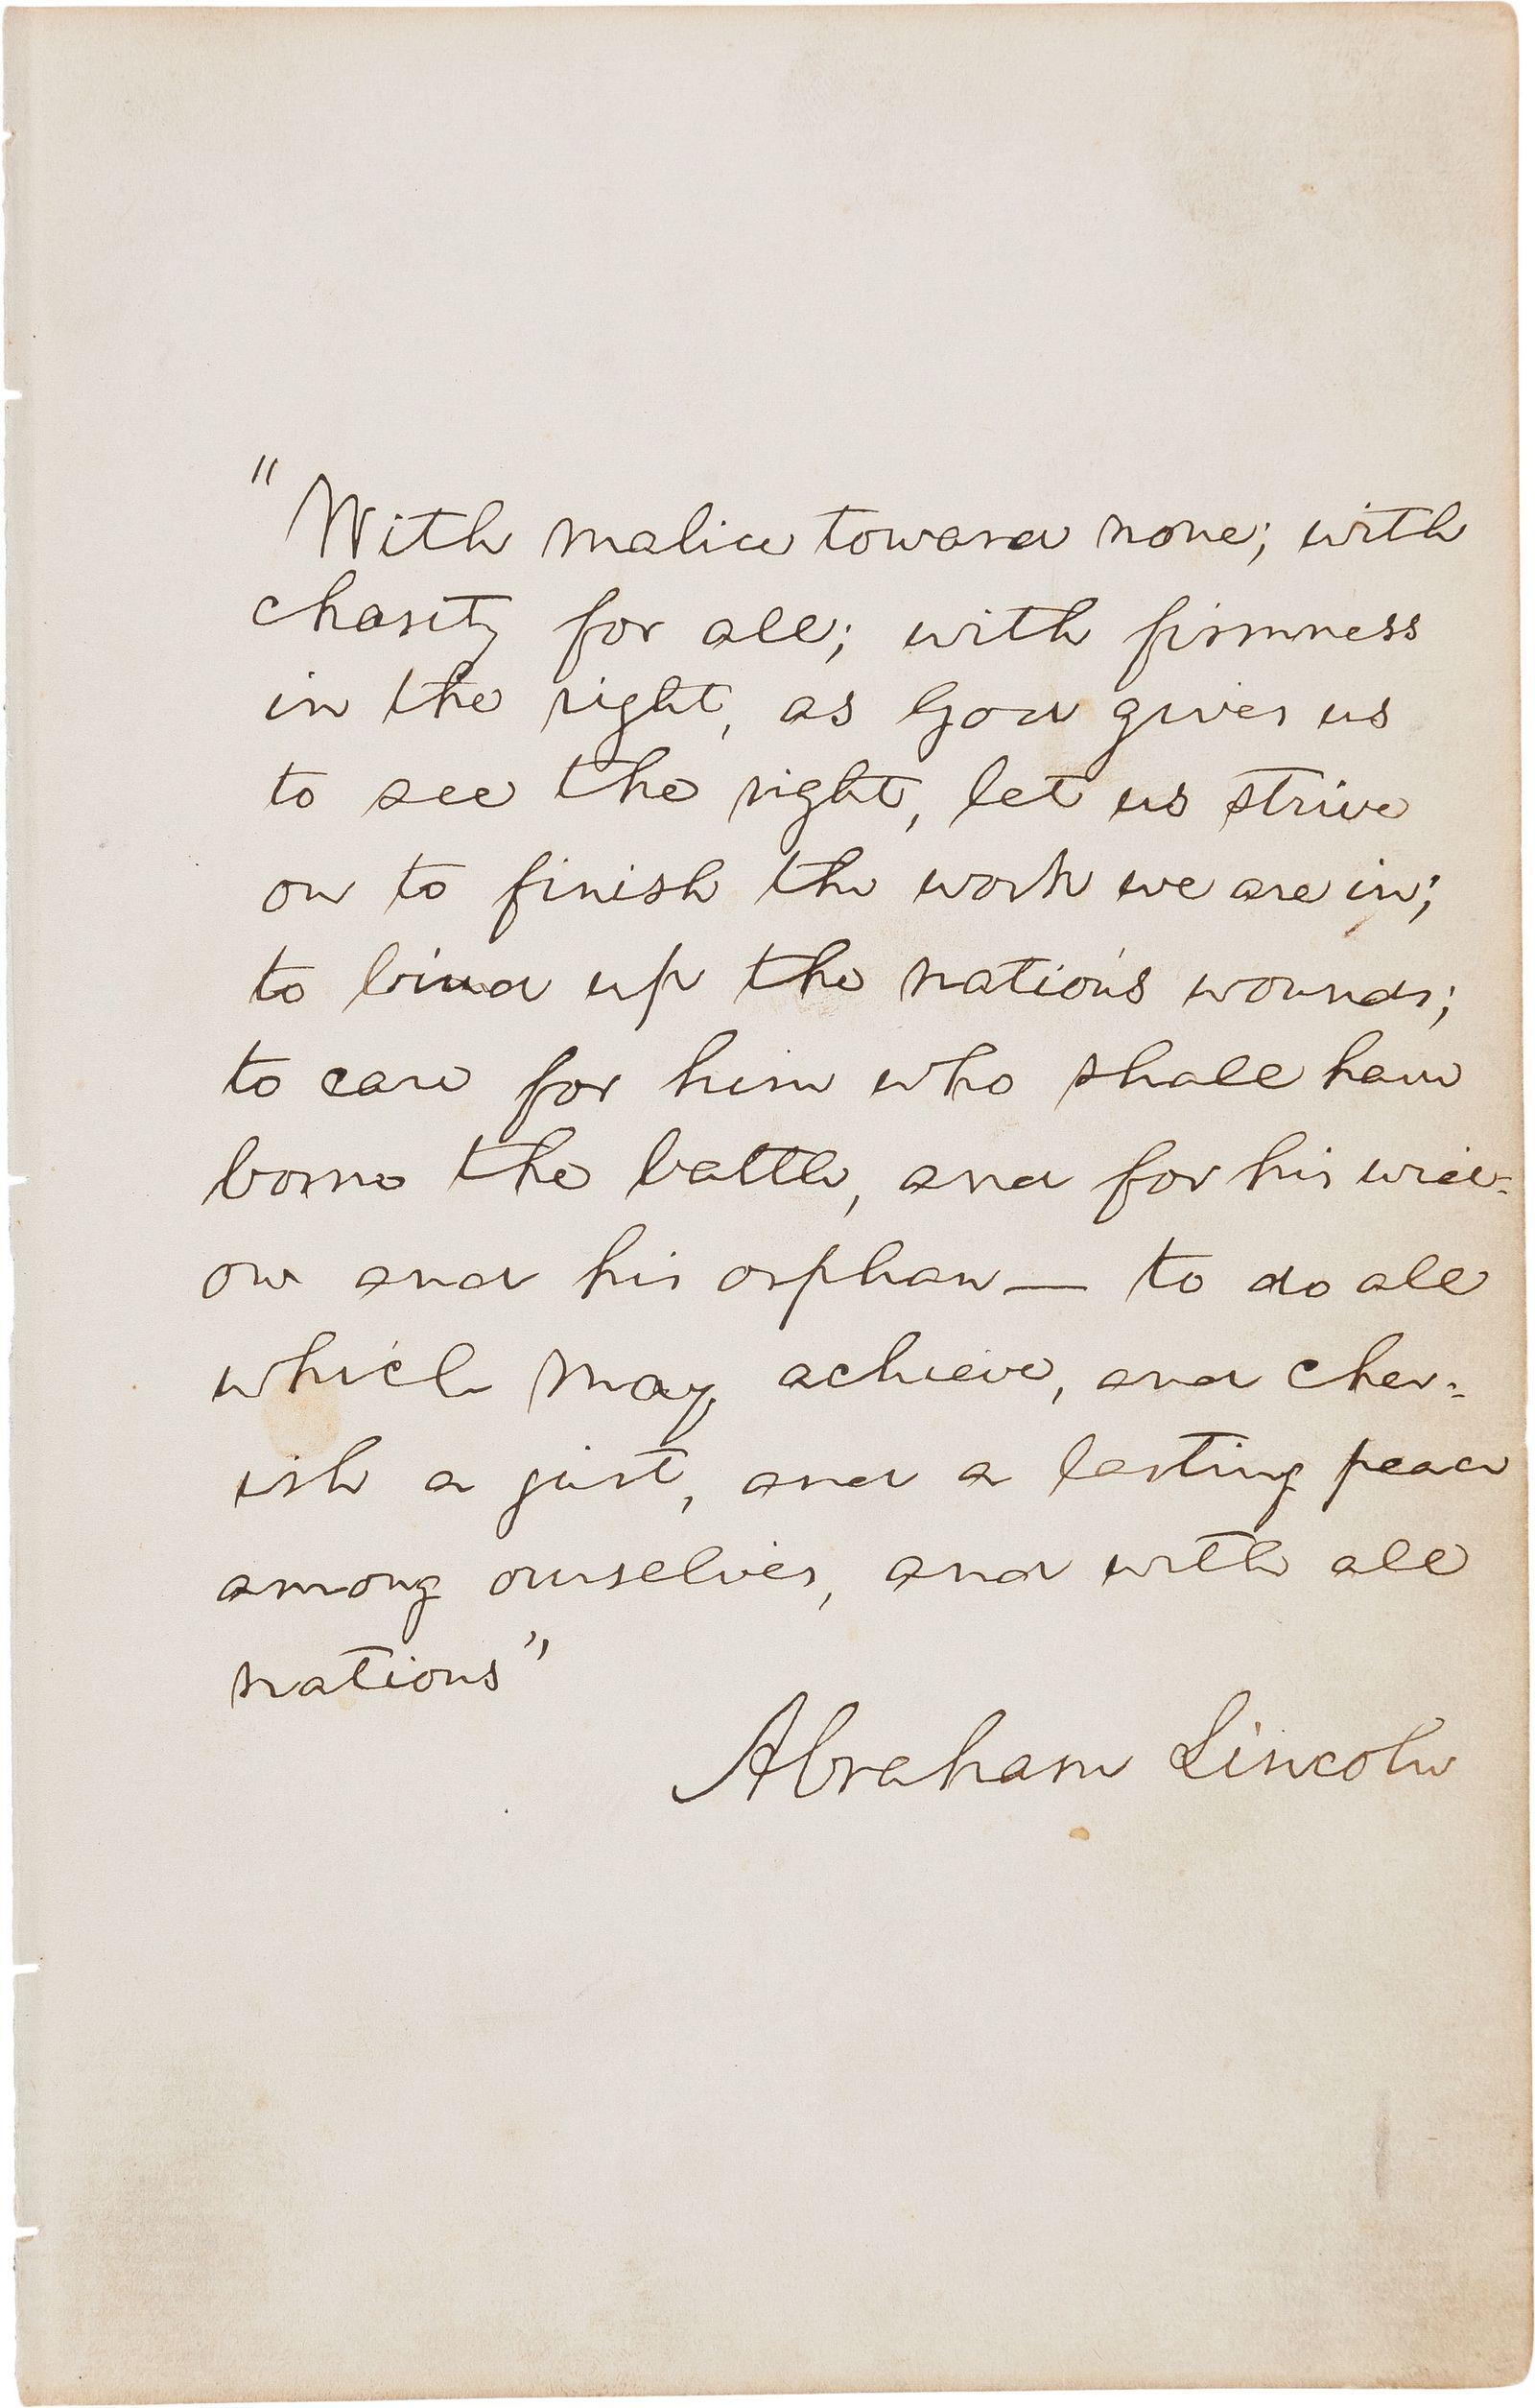 Manuskript von Abraham Lincoln